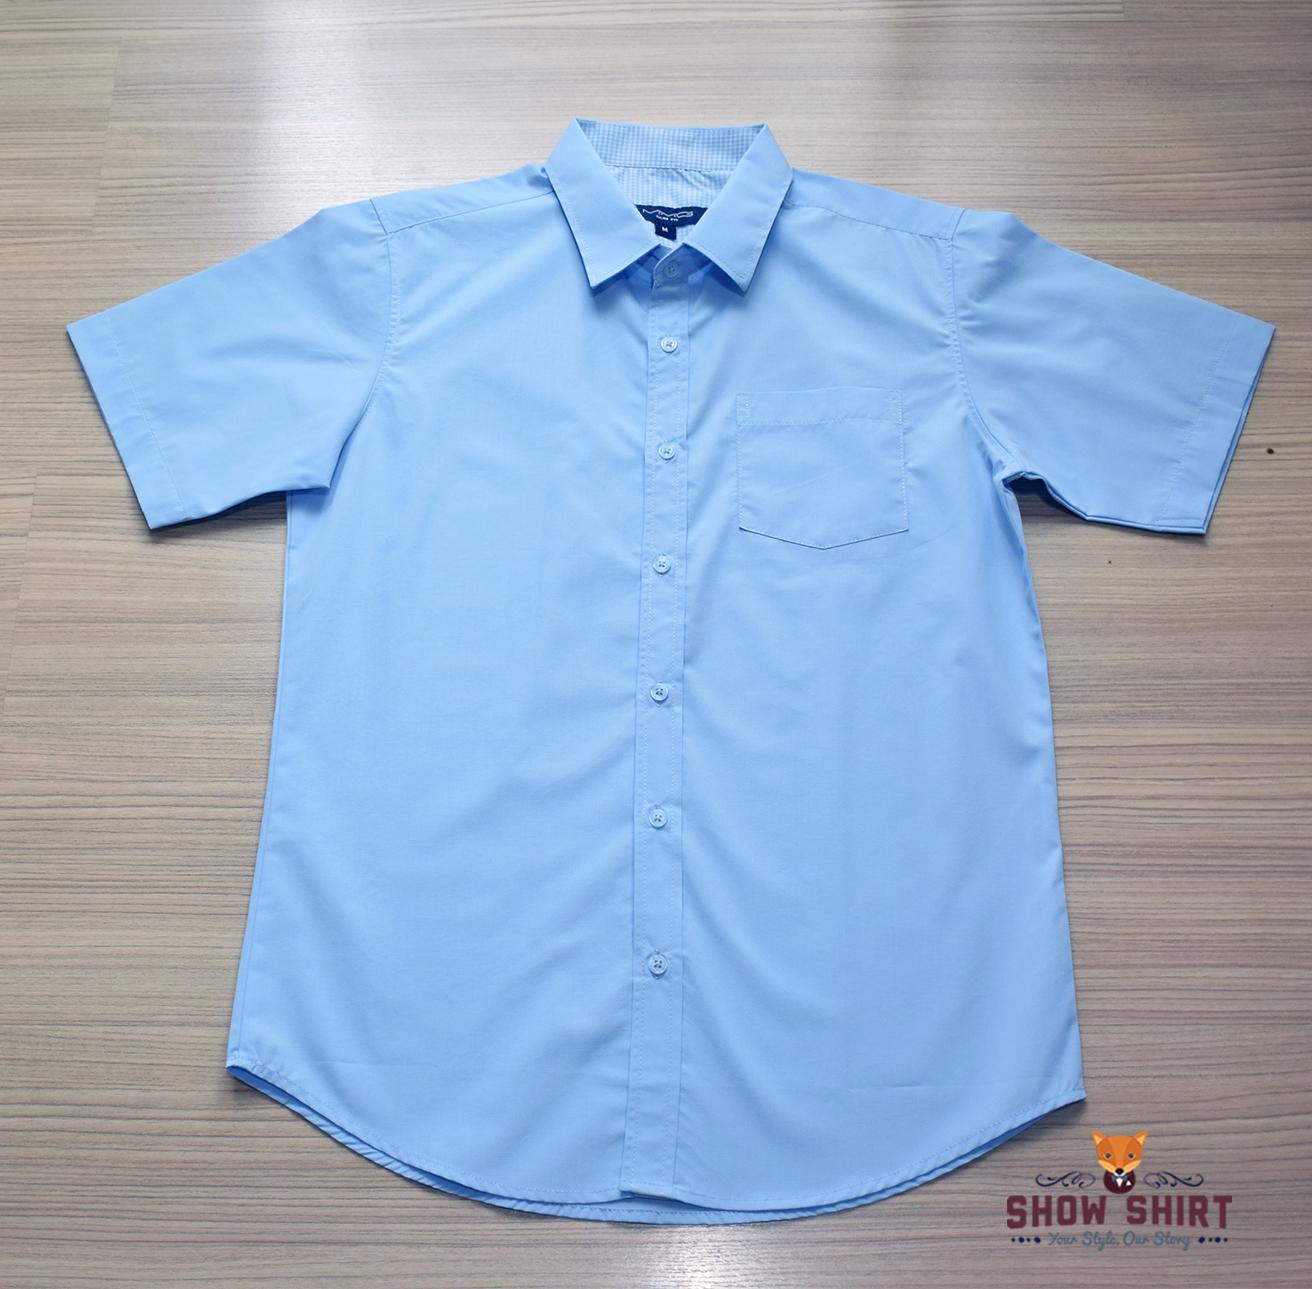 เสื้อเชิ้ตแขนสั้น สีฟ้า